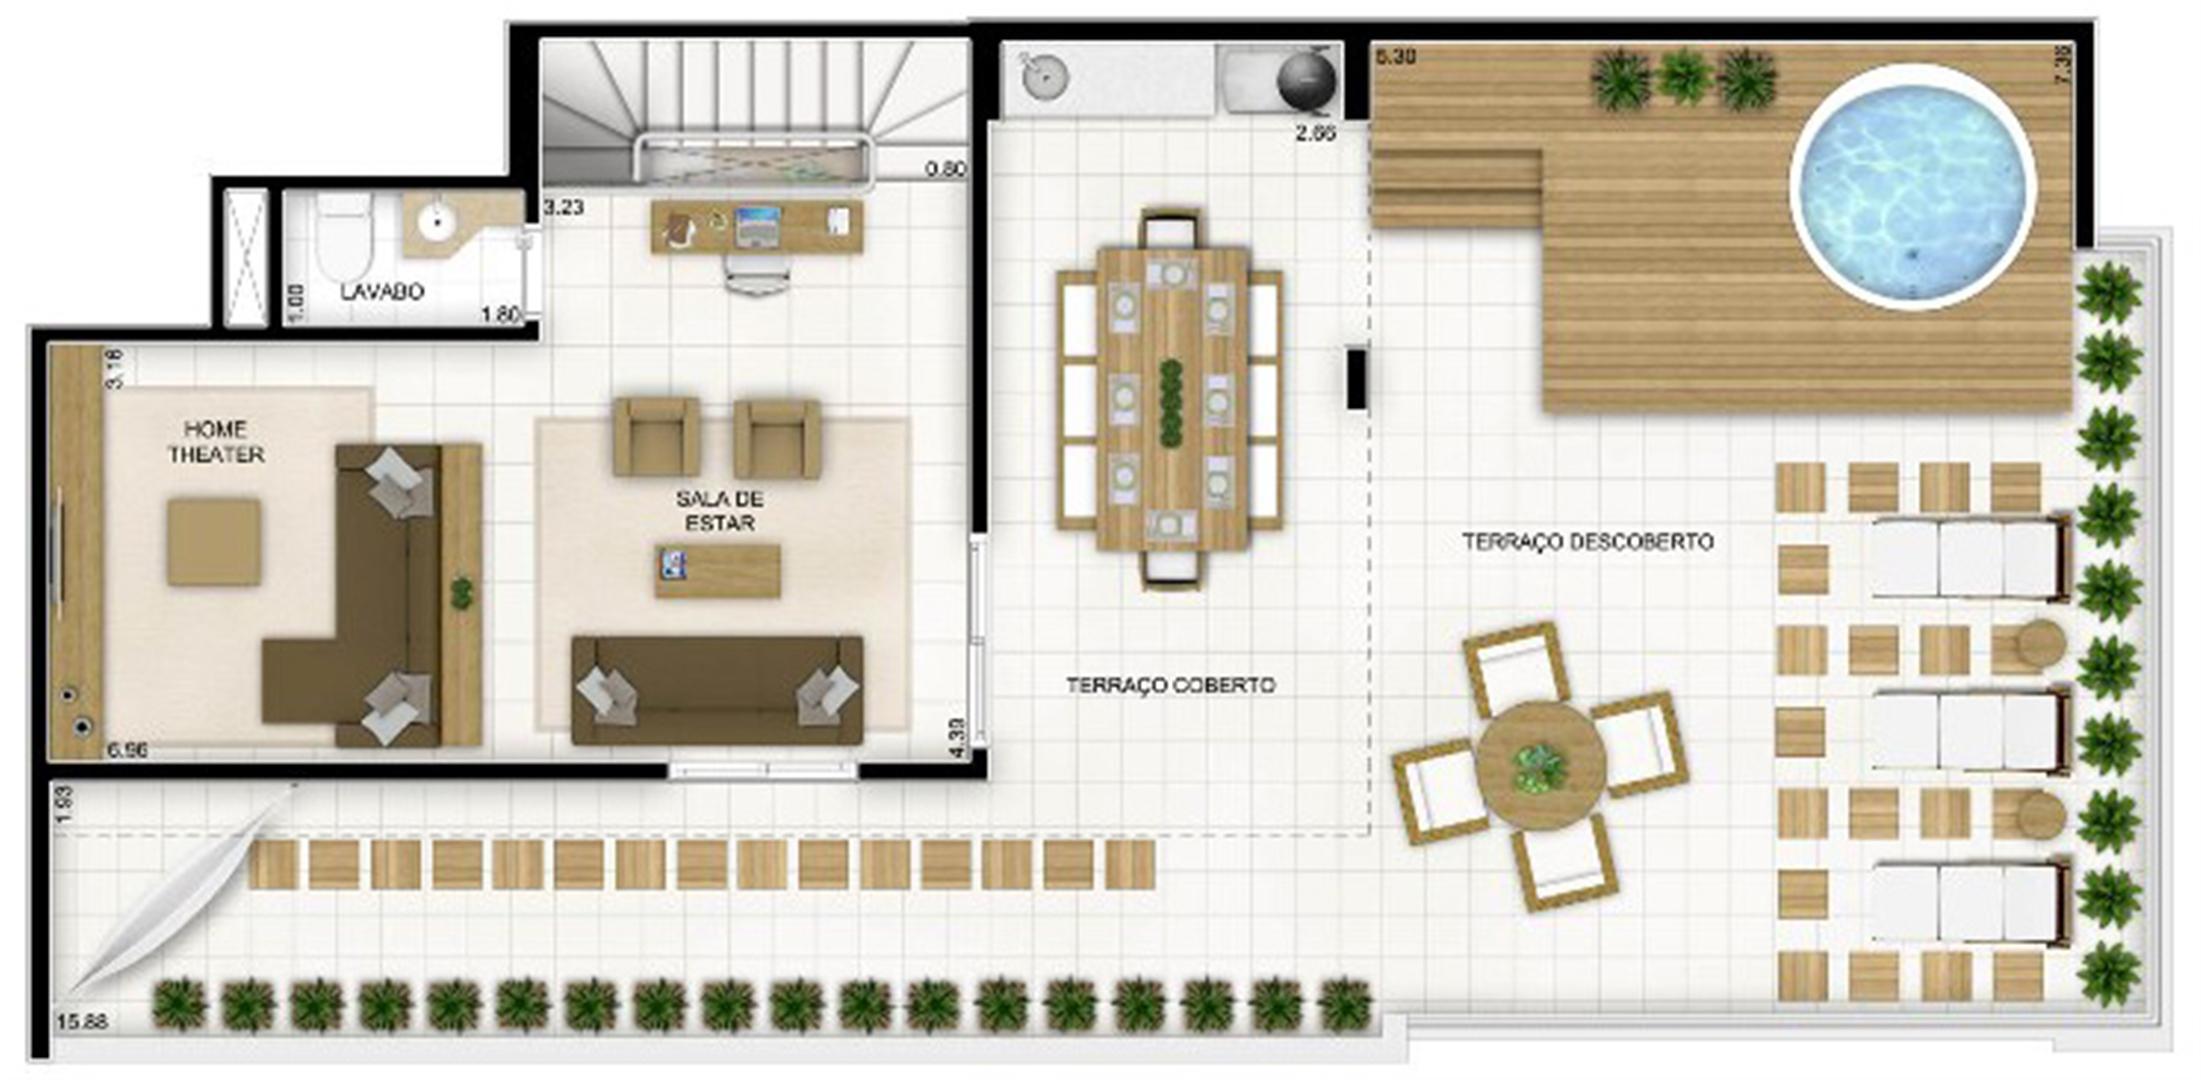 Duplex Andar Superior 236 m² | Quartier Lagoa Nova – Apartamento na  Lagoa Nova - Natal - Rio Grande do Norte